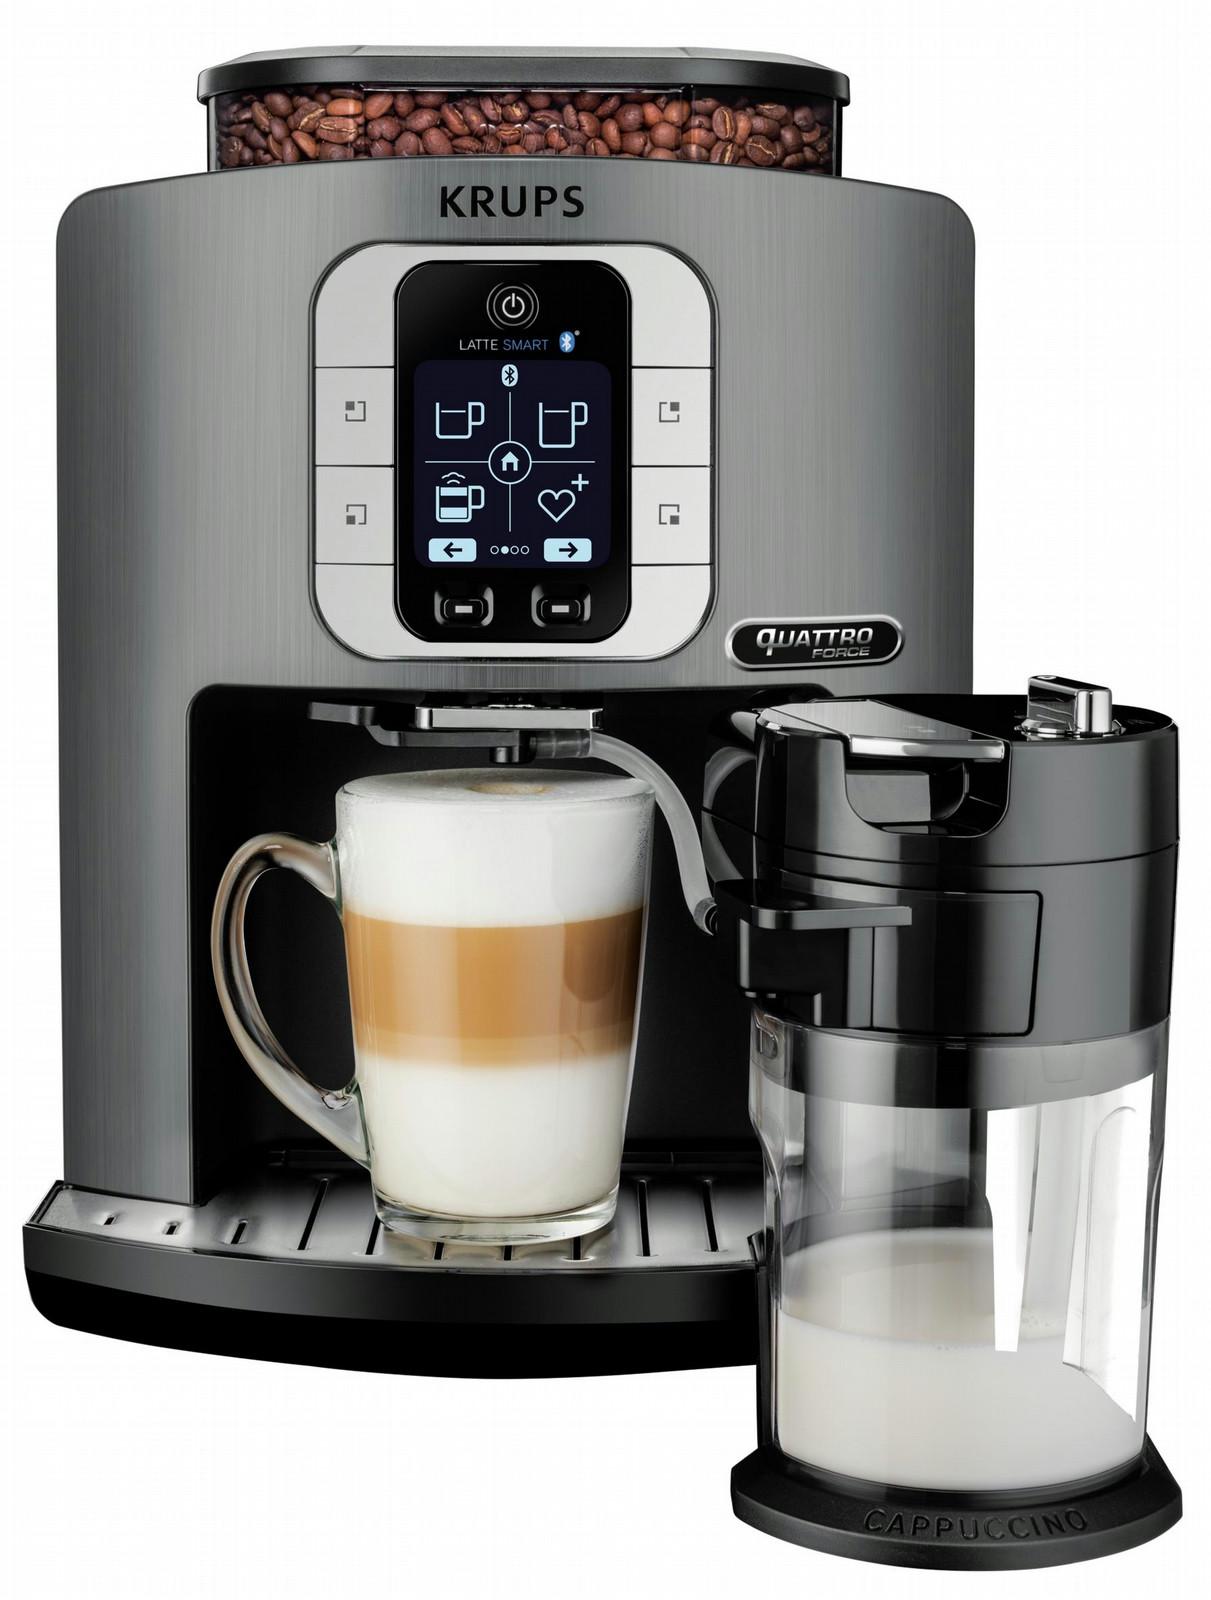 Krups kaffeemaschinen | Home. 2020 02 24